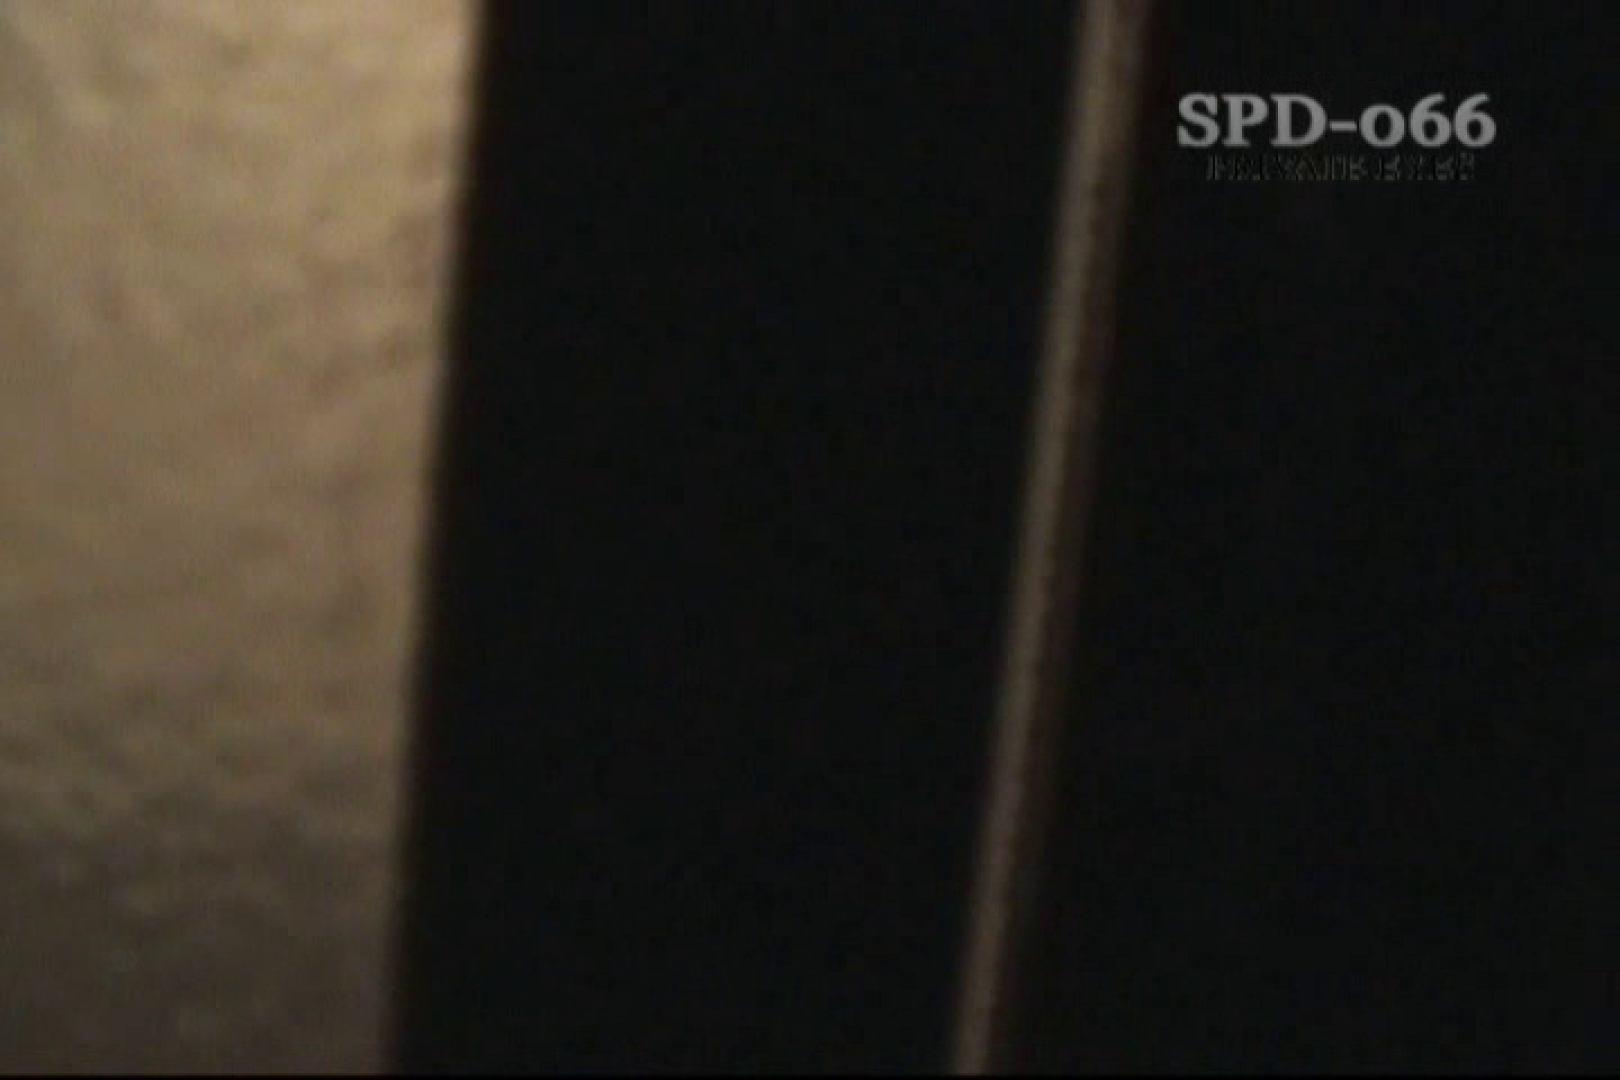 高画質版!SPD-066 3センチメートルの隙間 4 名作映像 AV無料 102PIX 44